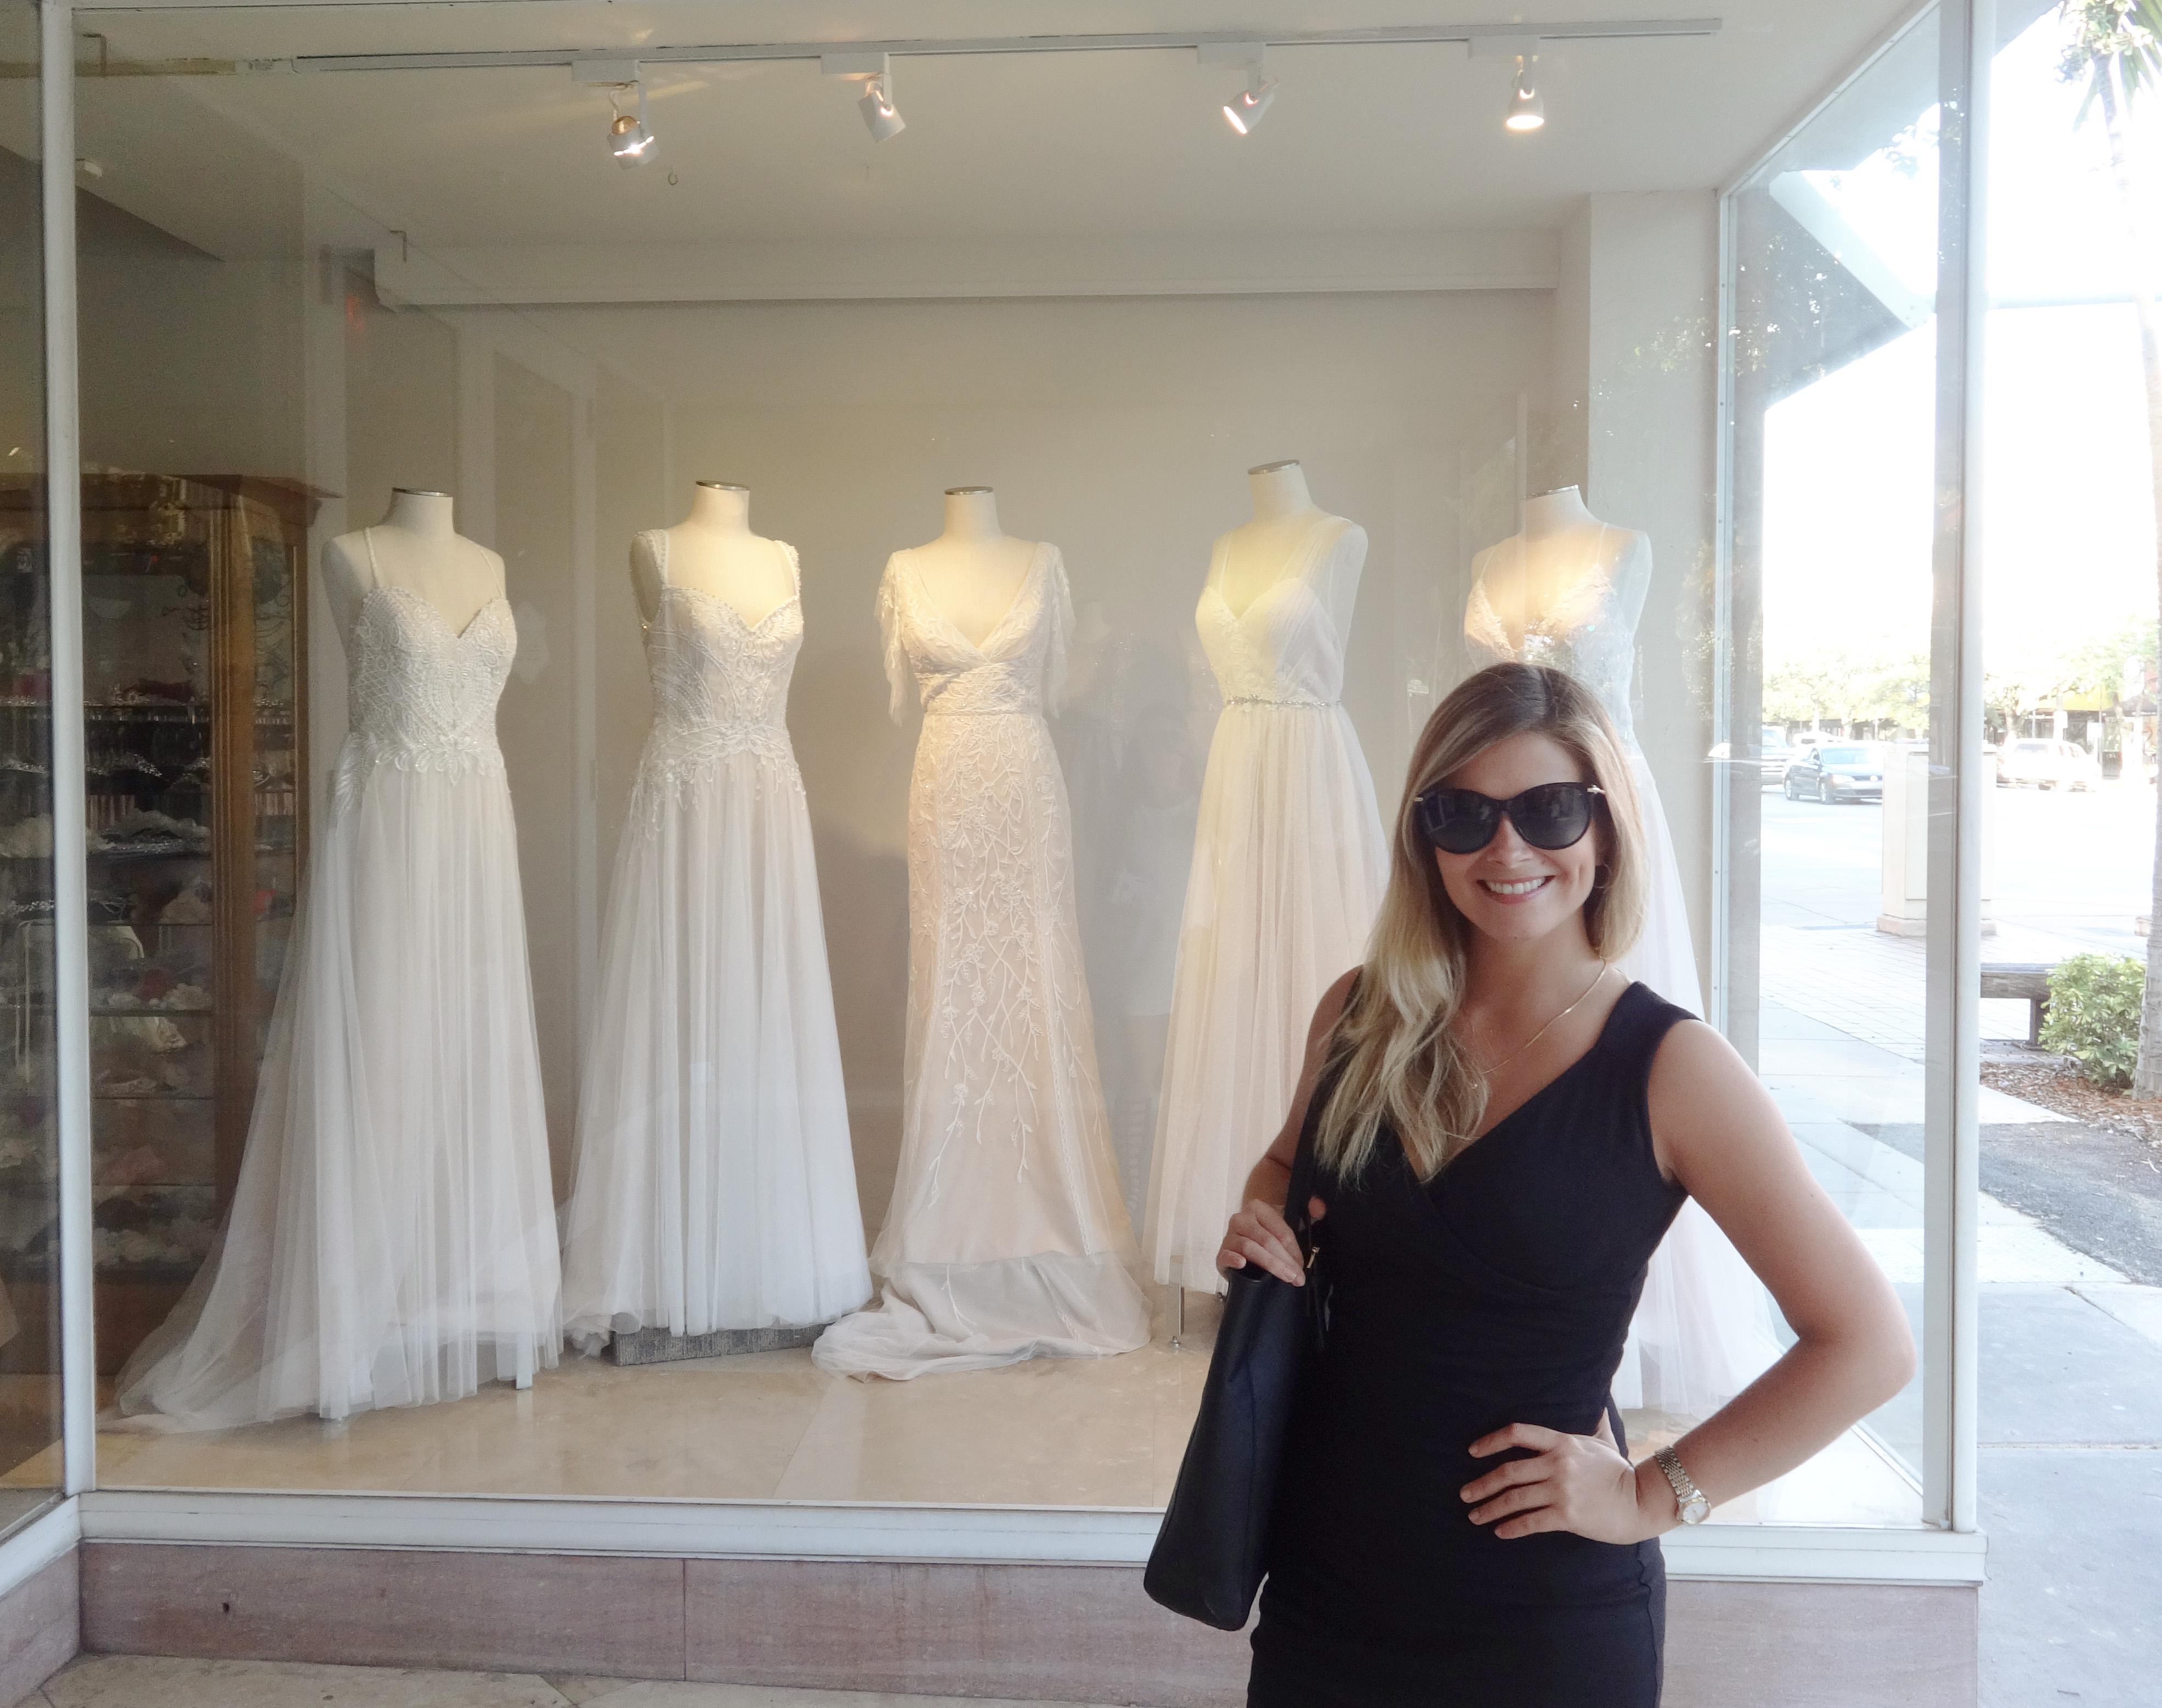 Donde puedo comprar vestidos de novia en miami